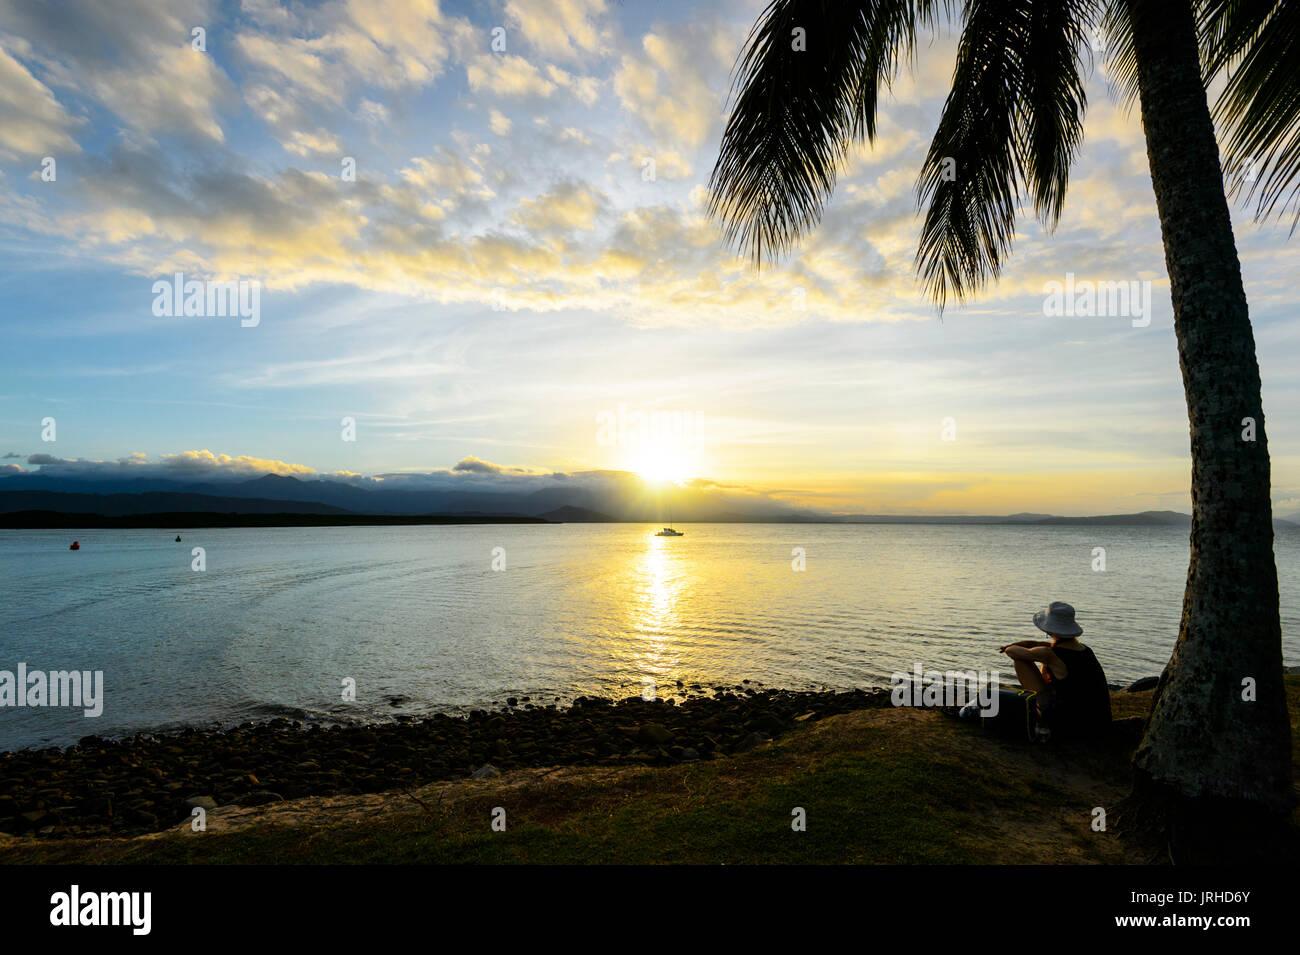 Weibliche den Sonnenuntergang von Rex Smeal Park, Port Douglas, Far North Queensland, FNQ, QLD, Australien Stockbild